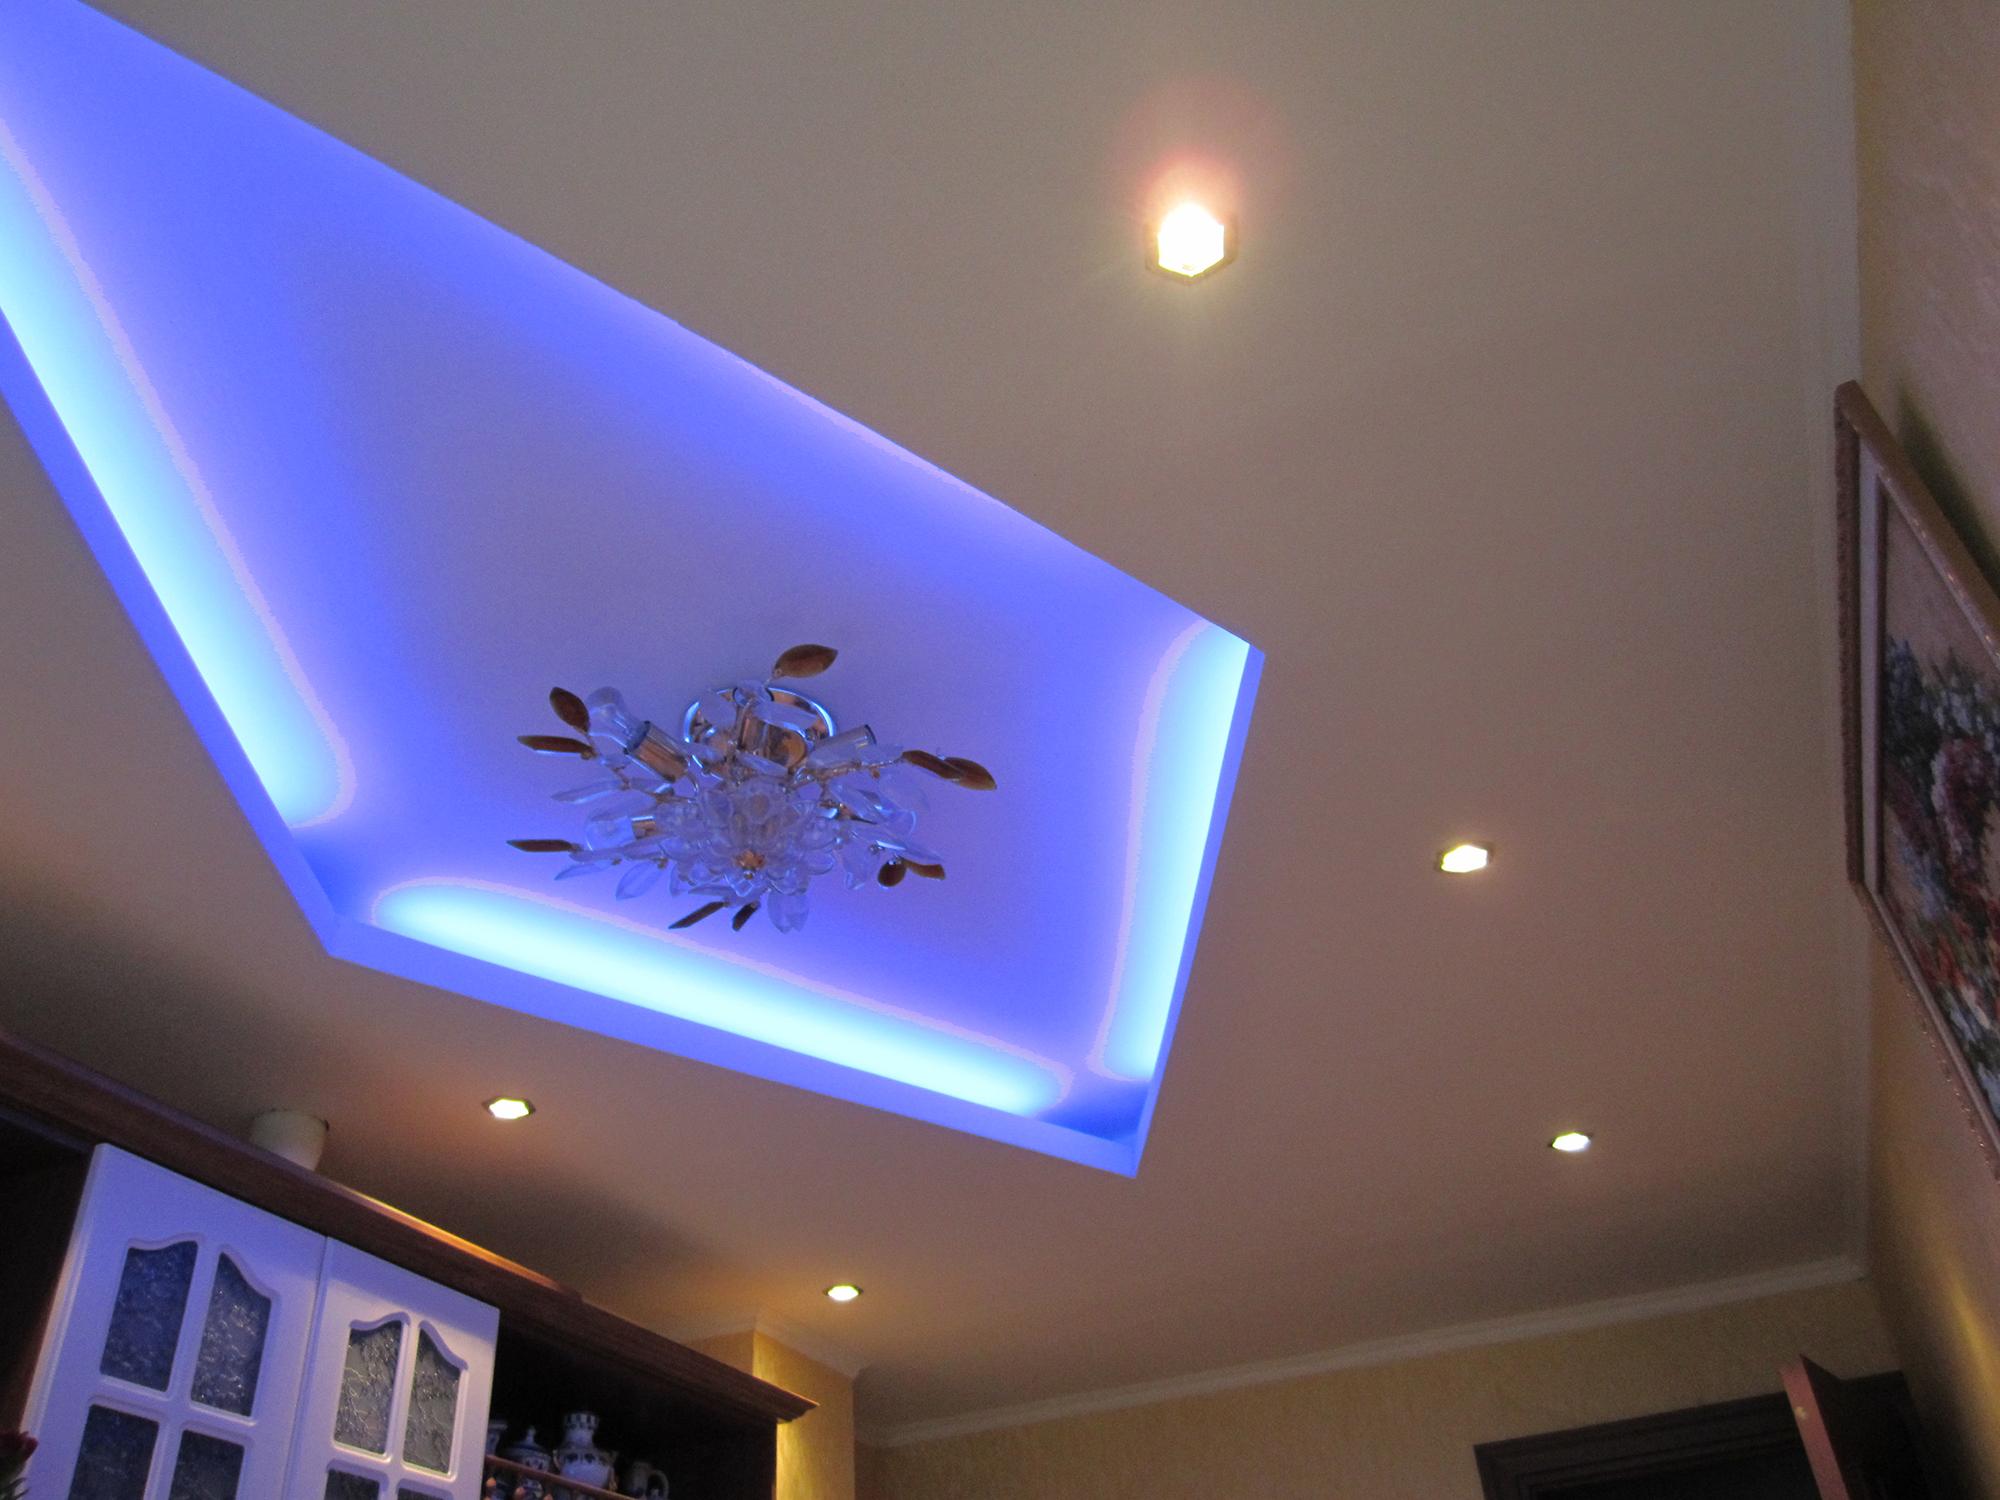 Красивый потолок из гипсокартона с подсветкой, люстрой и точечным освещением